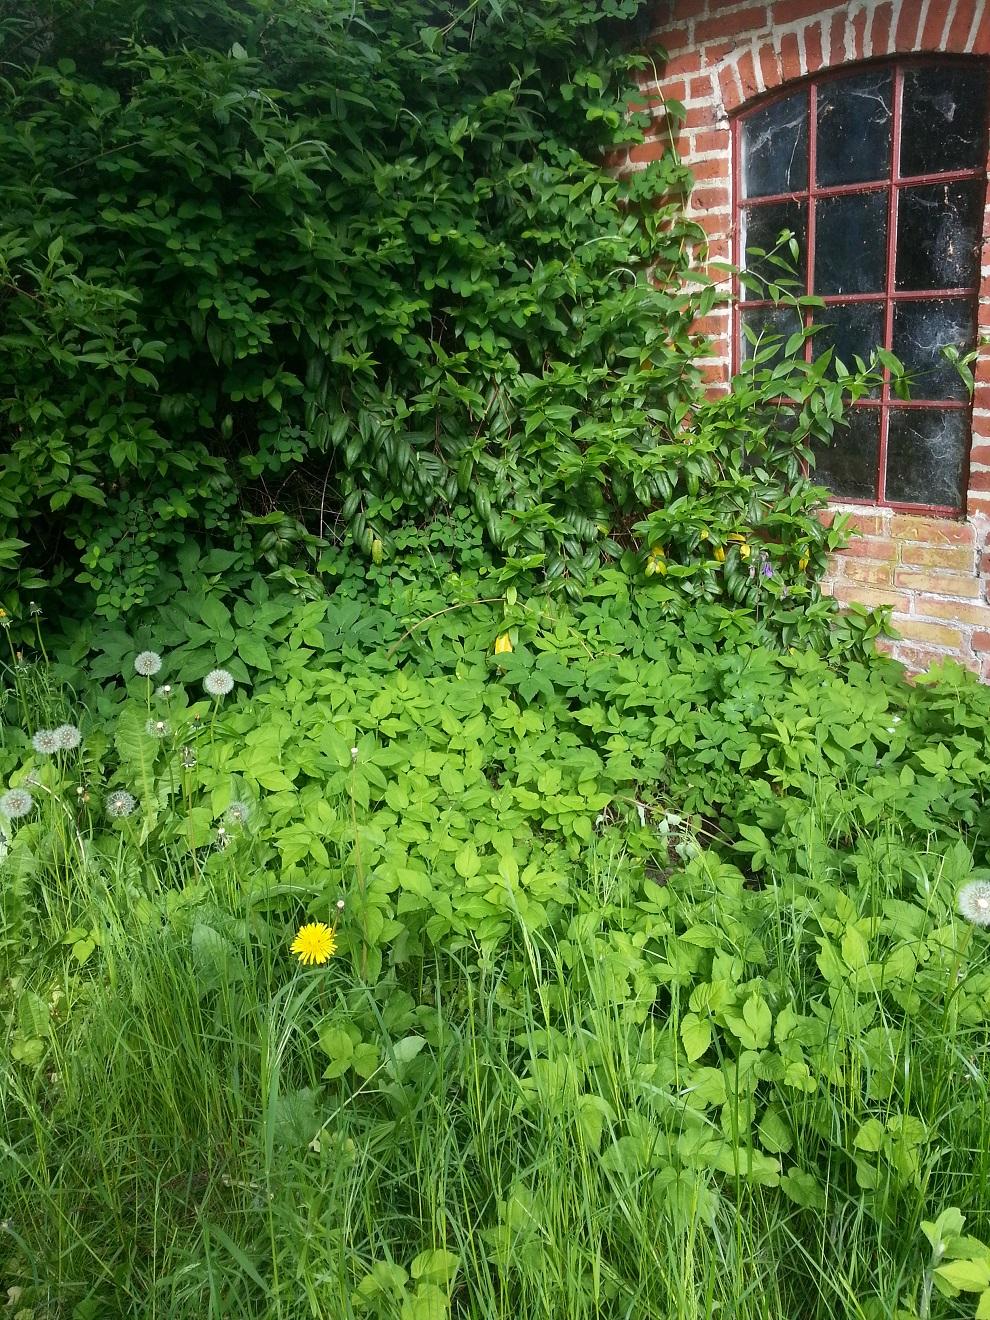 Hier fühlt sich der Giersch sichtlich wohl - und das darf er auch, denn so habe ich monatelang frisches Grün für Rohkostsalate, Smooties und frischgepresste grüne Säfte :-)